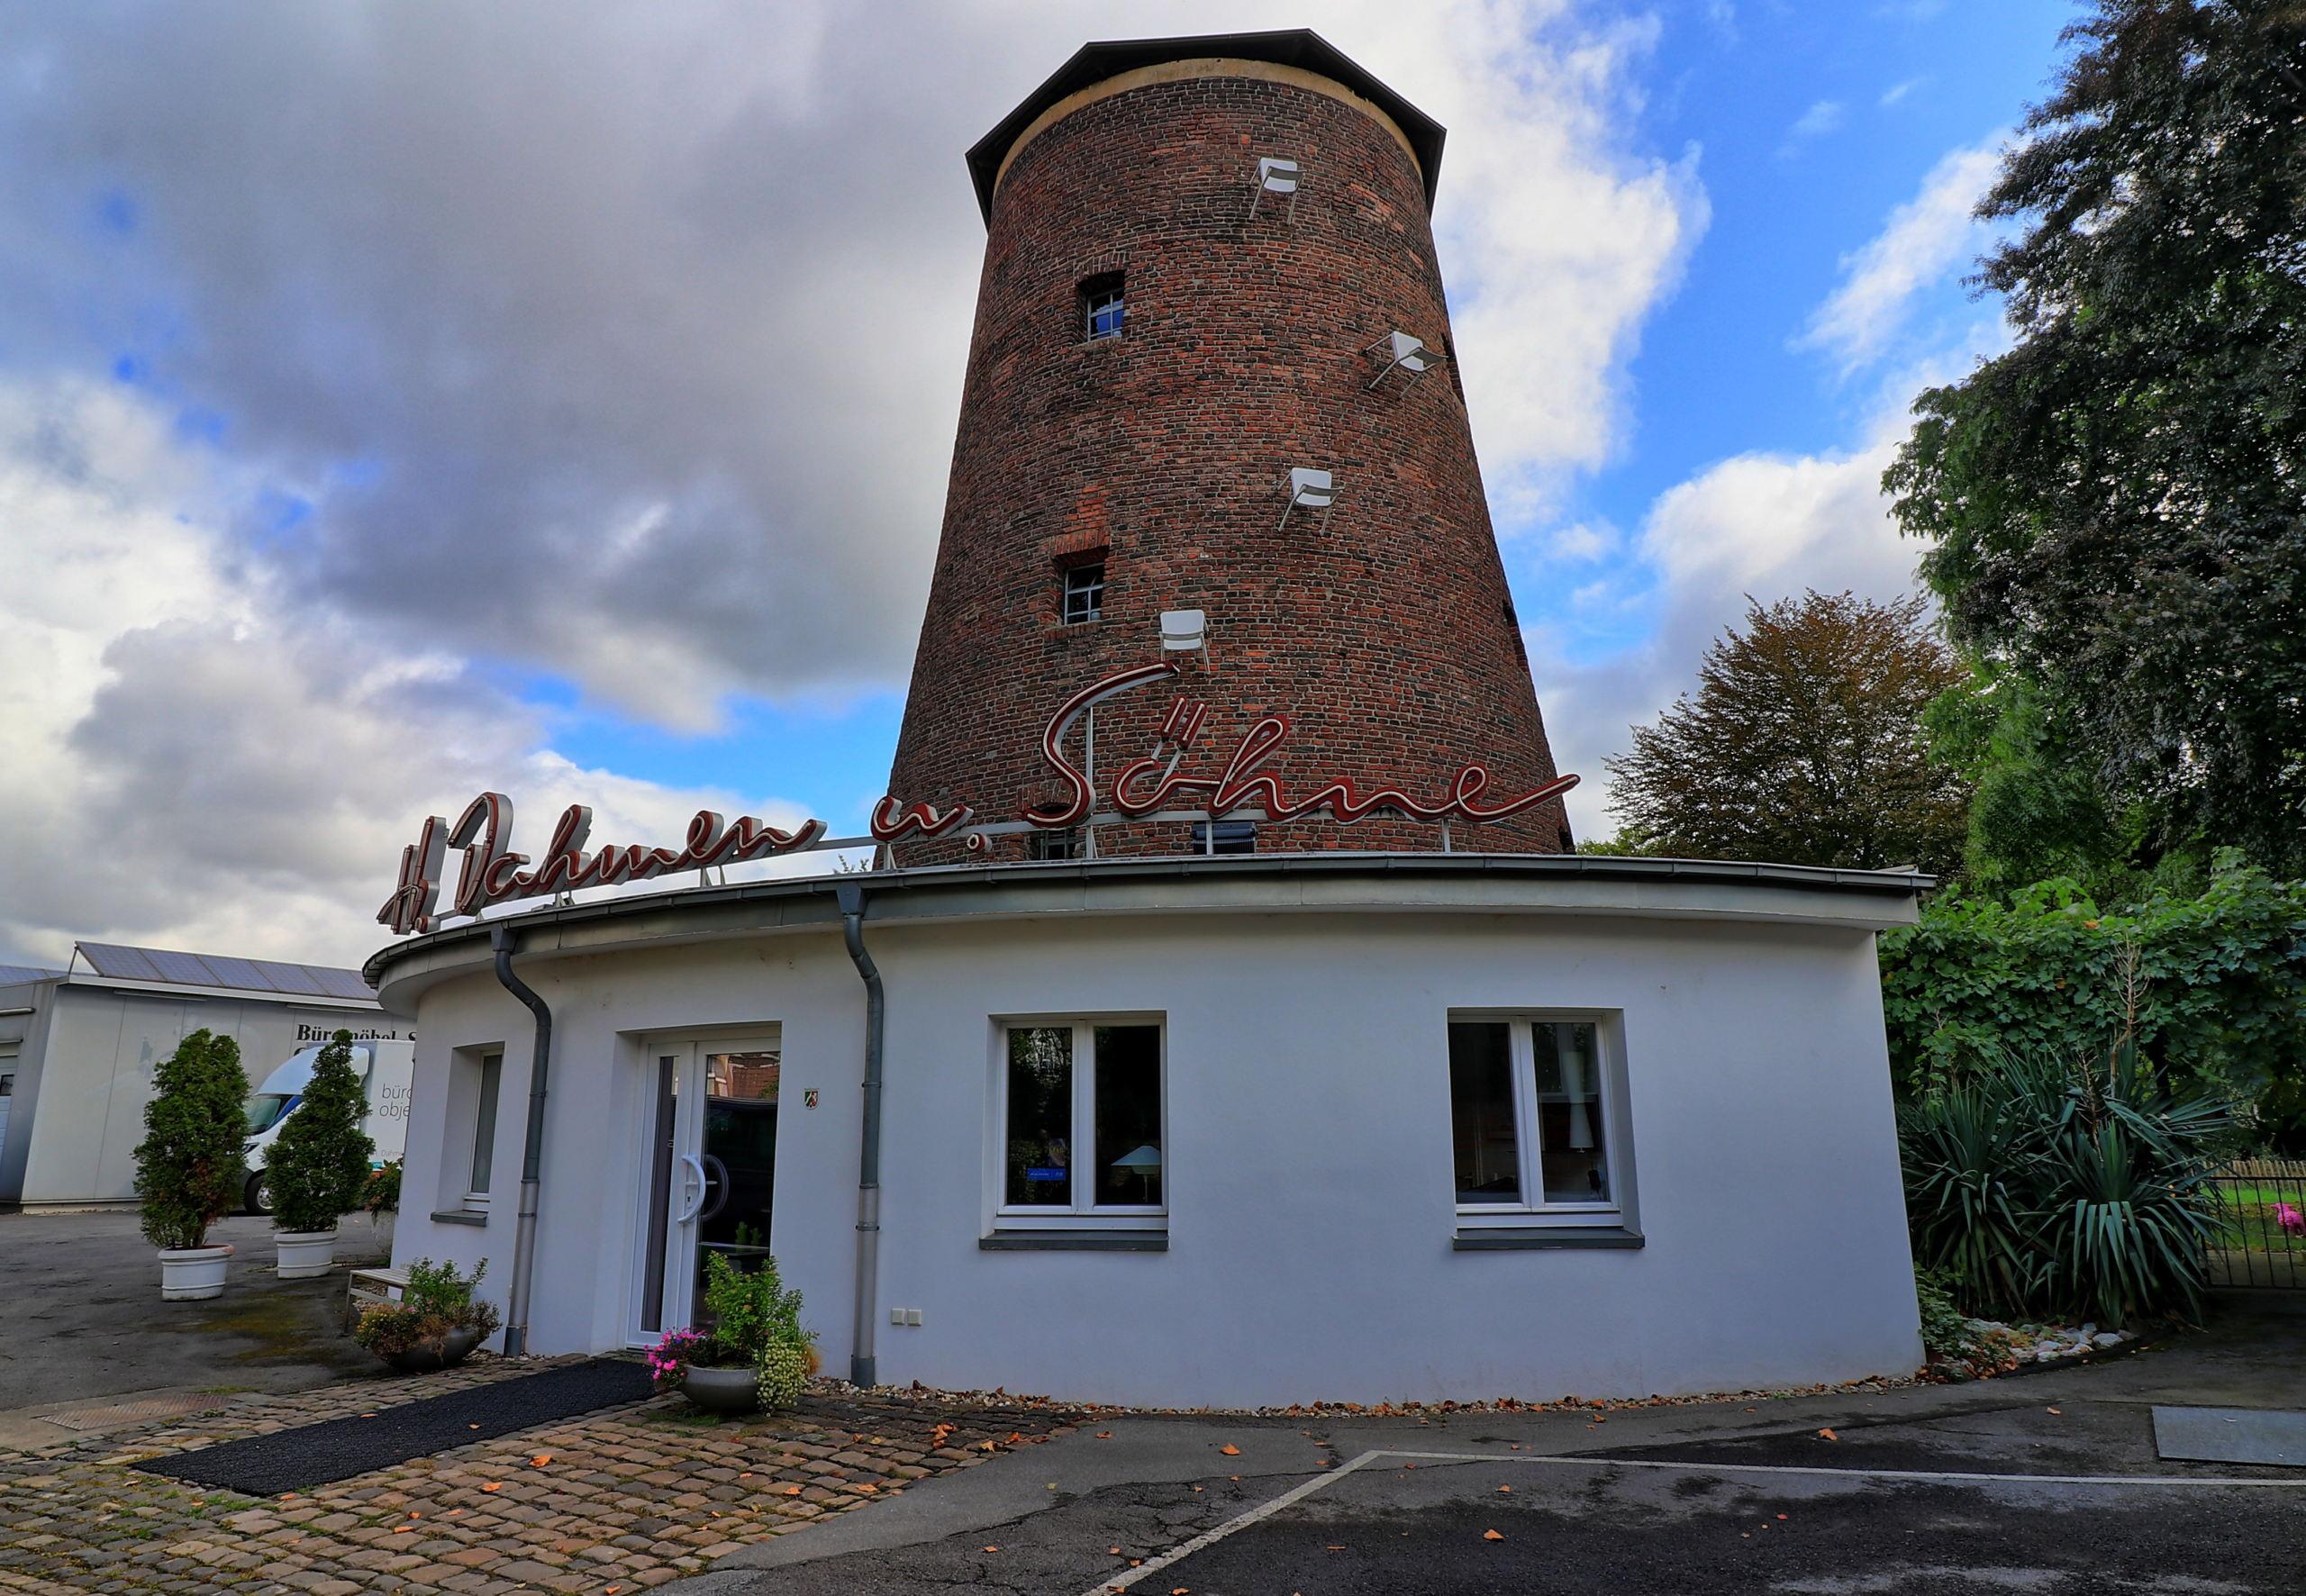 Stahlsmühle in Duisburg Meiderich. 130